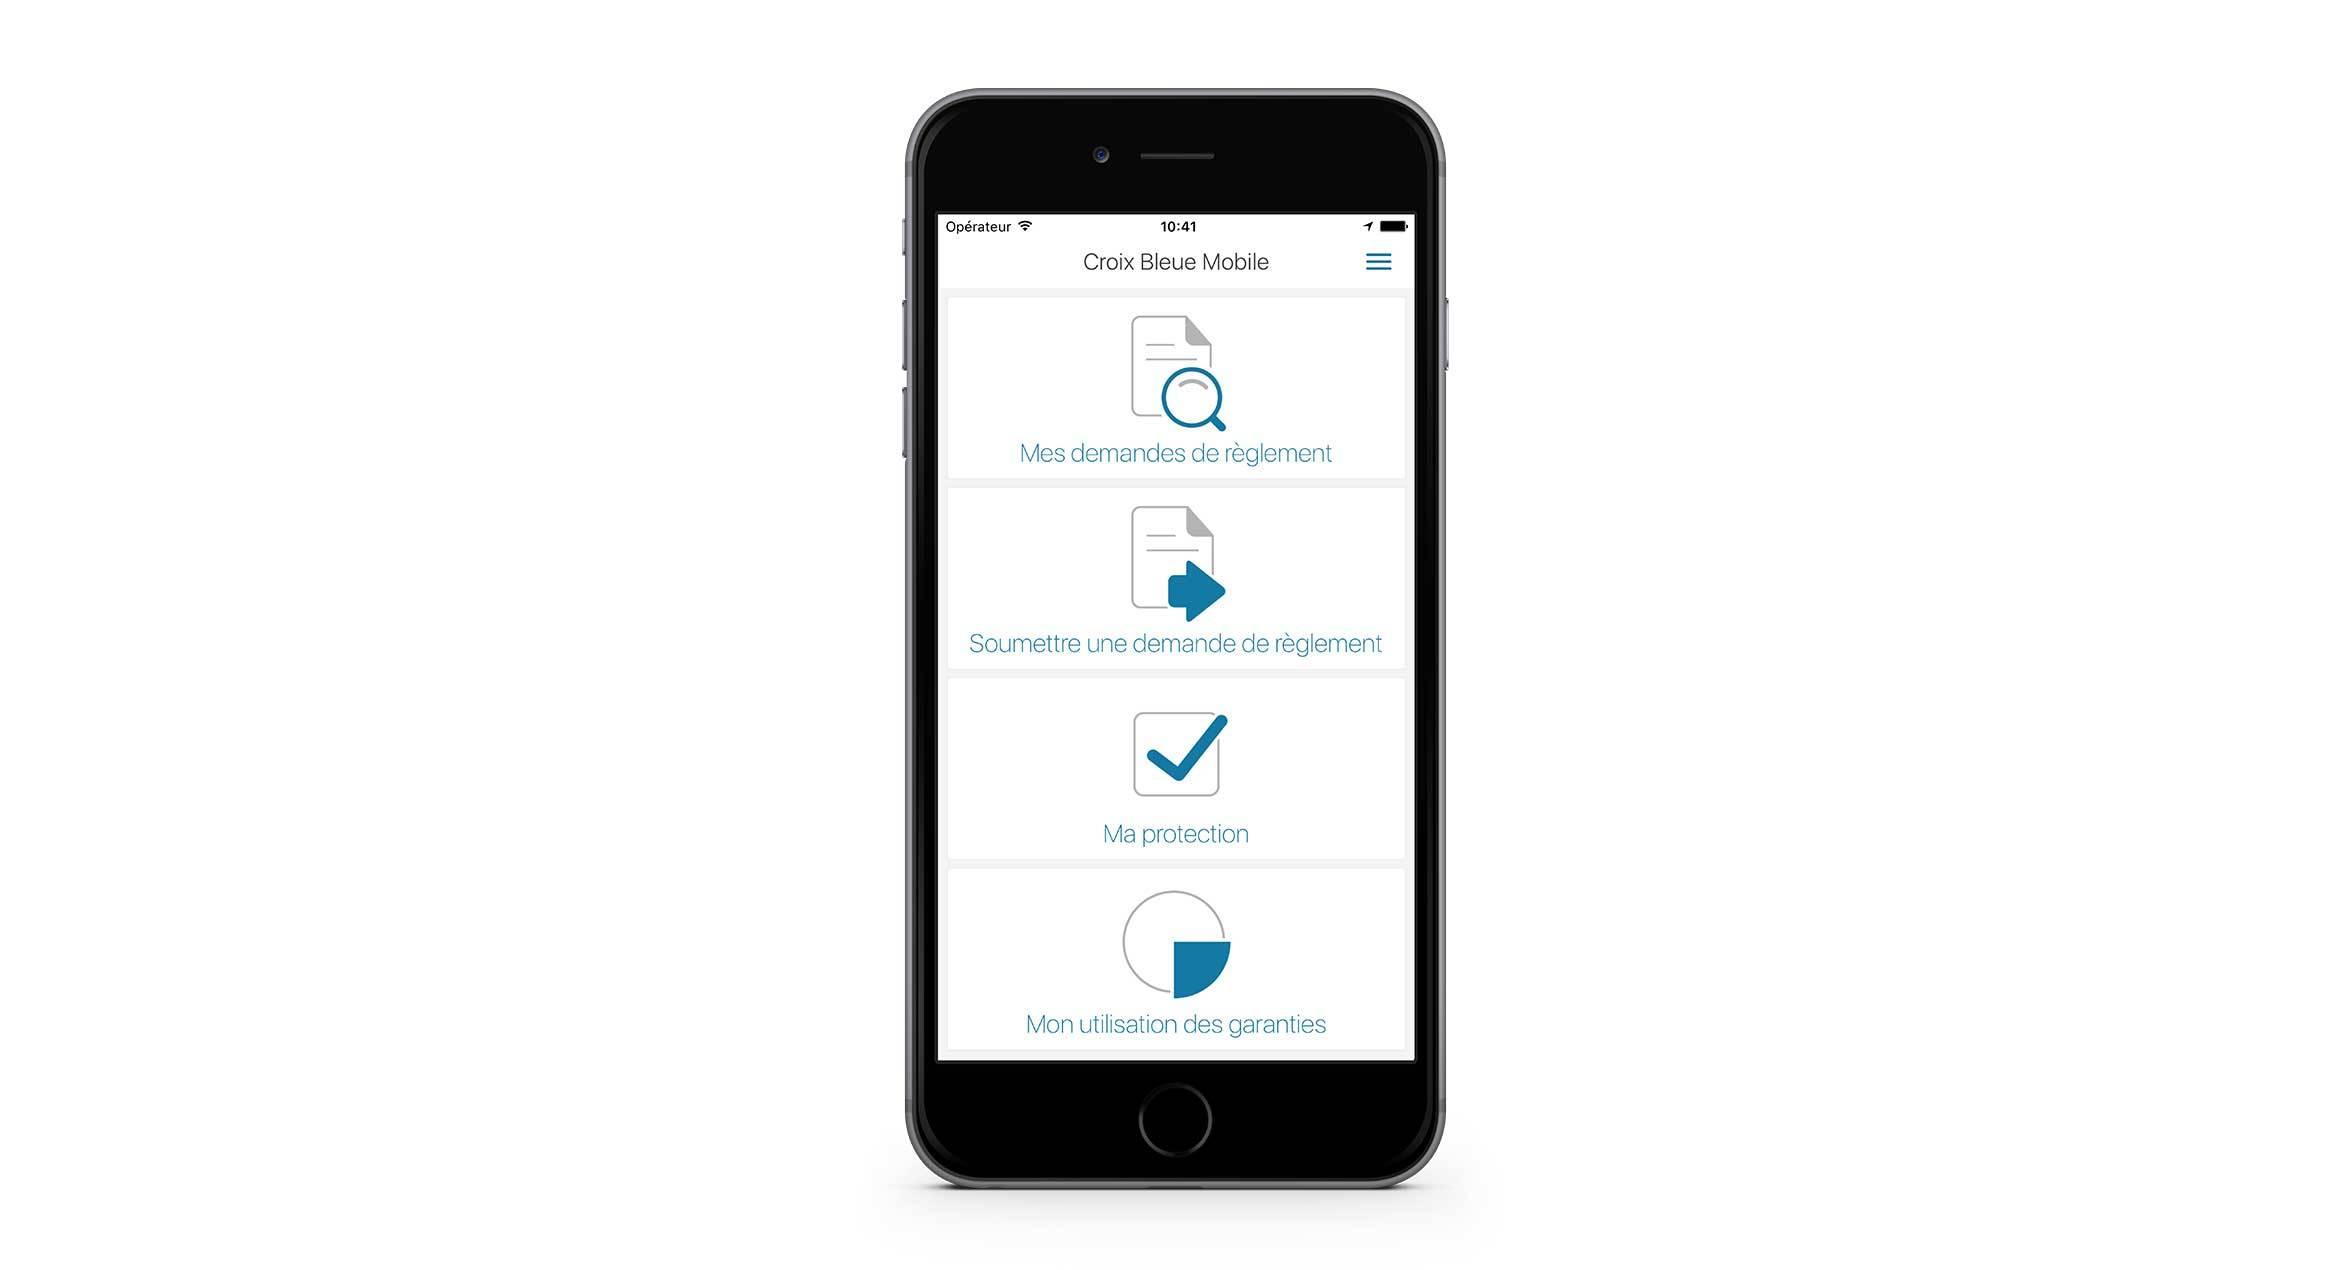 Application mobile affichant les options de l'écran principal: Mes demandes de règlement, Soumettre une demande de règlement, Ma protection et Mon utilisation des garanties.